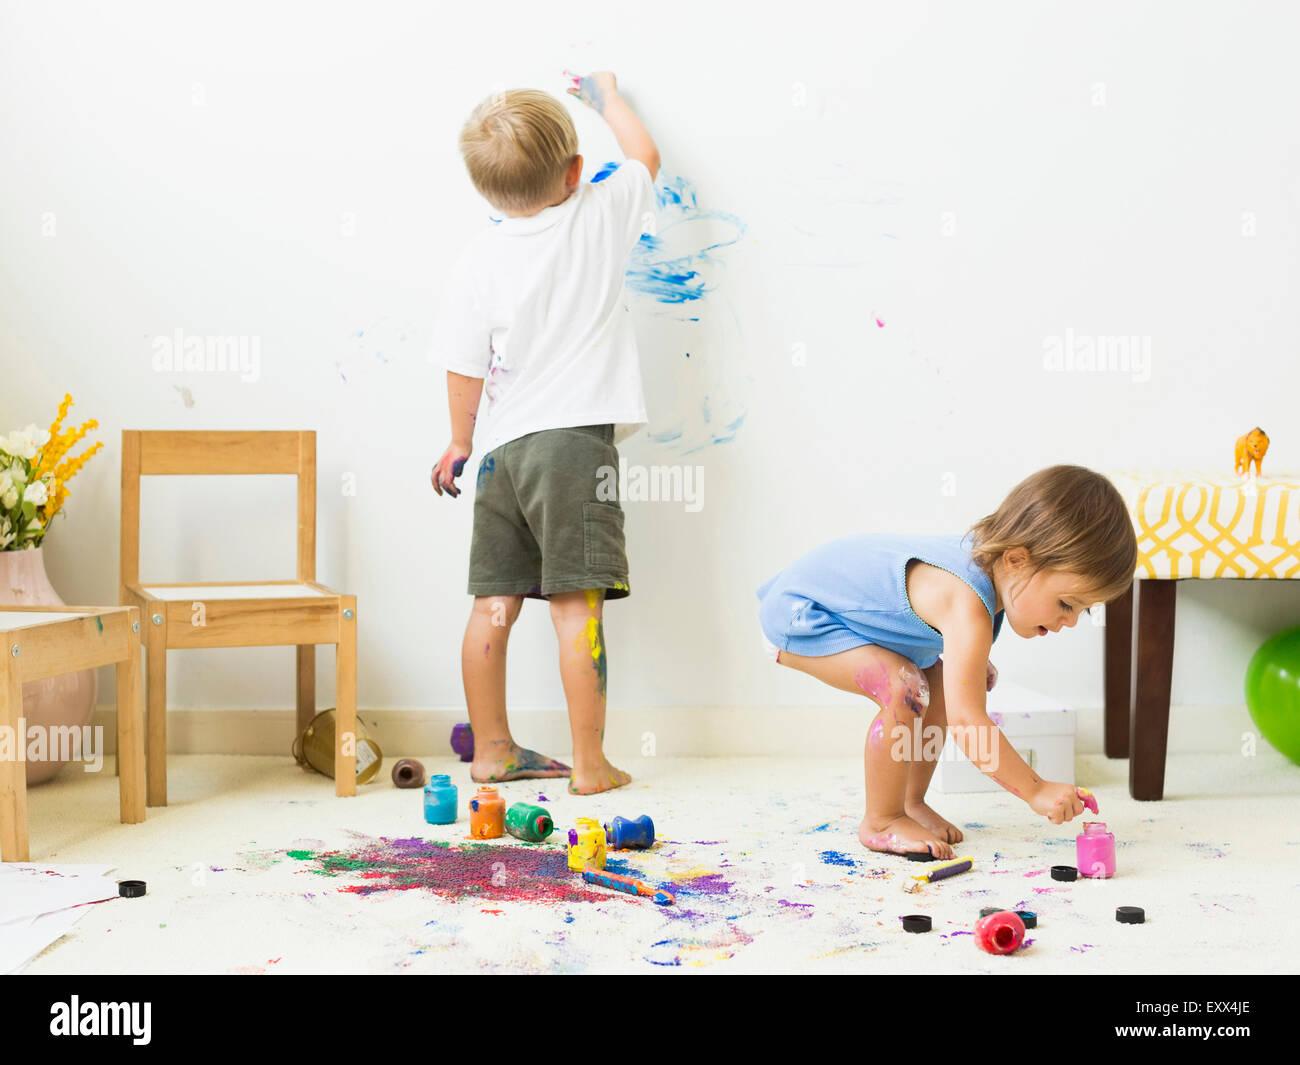 Kinder (2-3) Malerei auf Teppich und Wand Stockbild